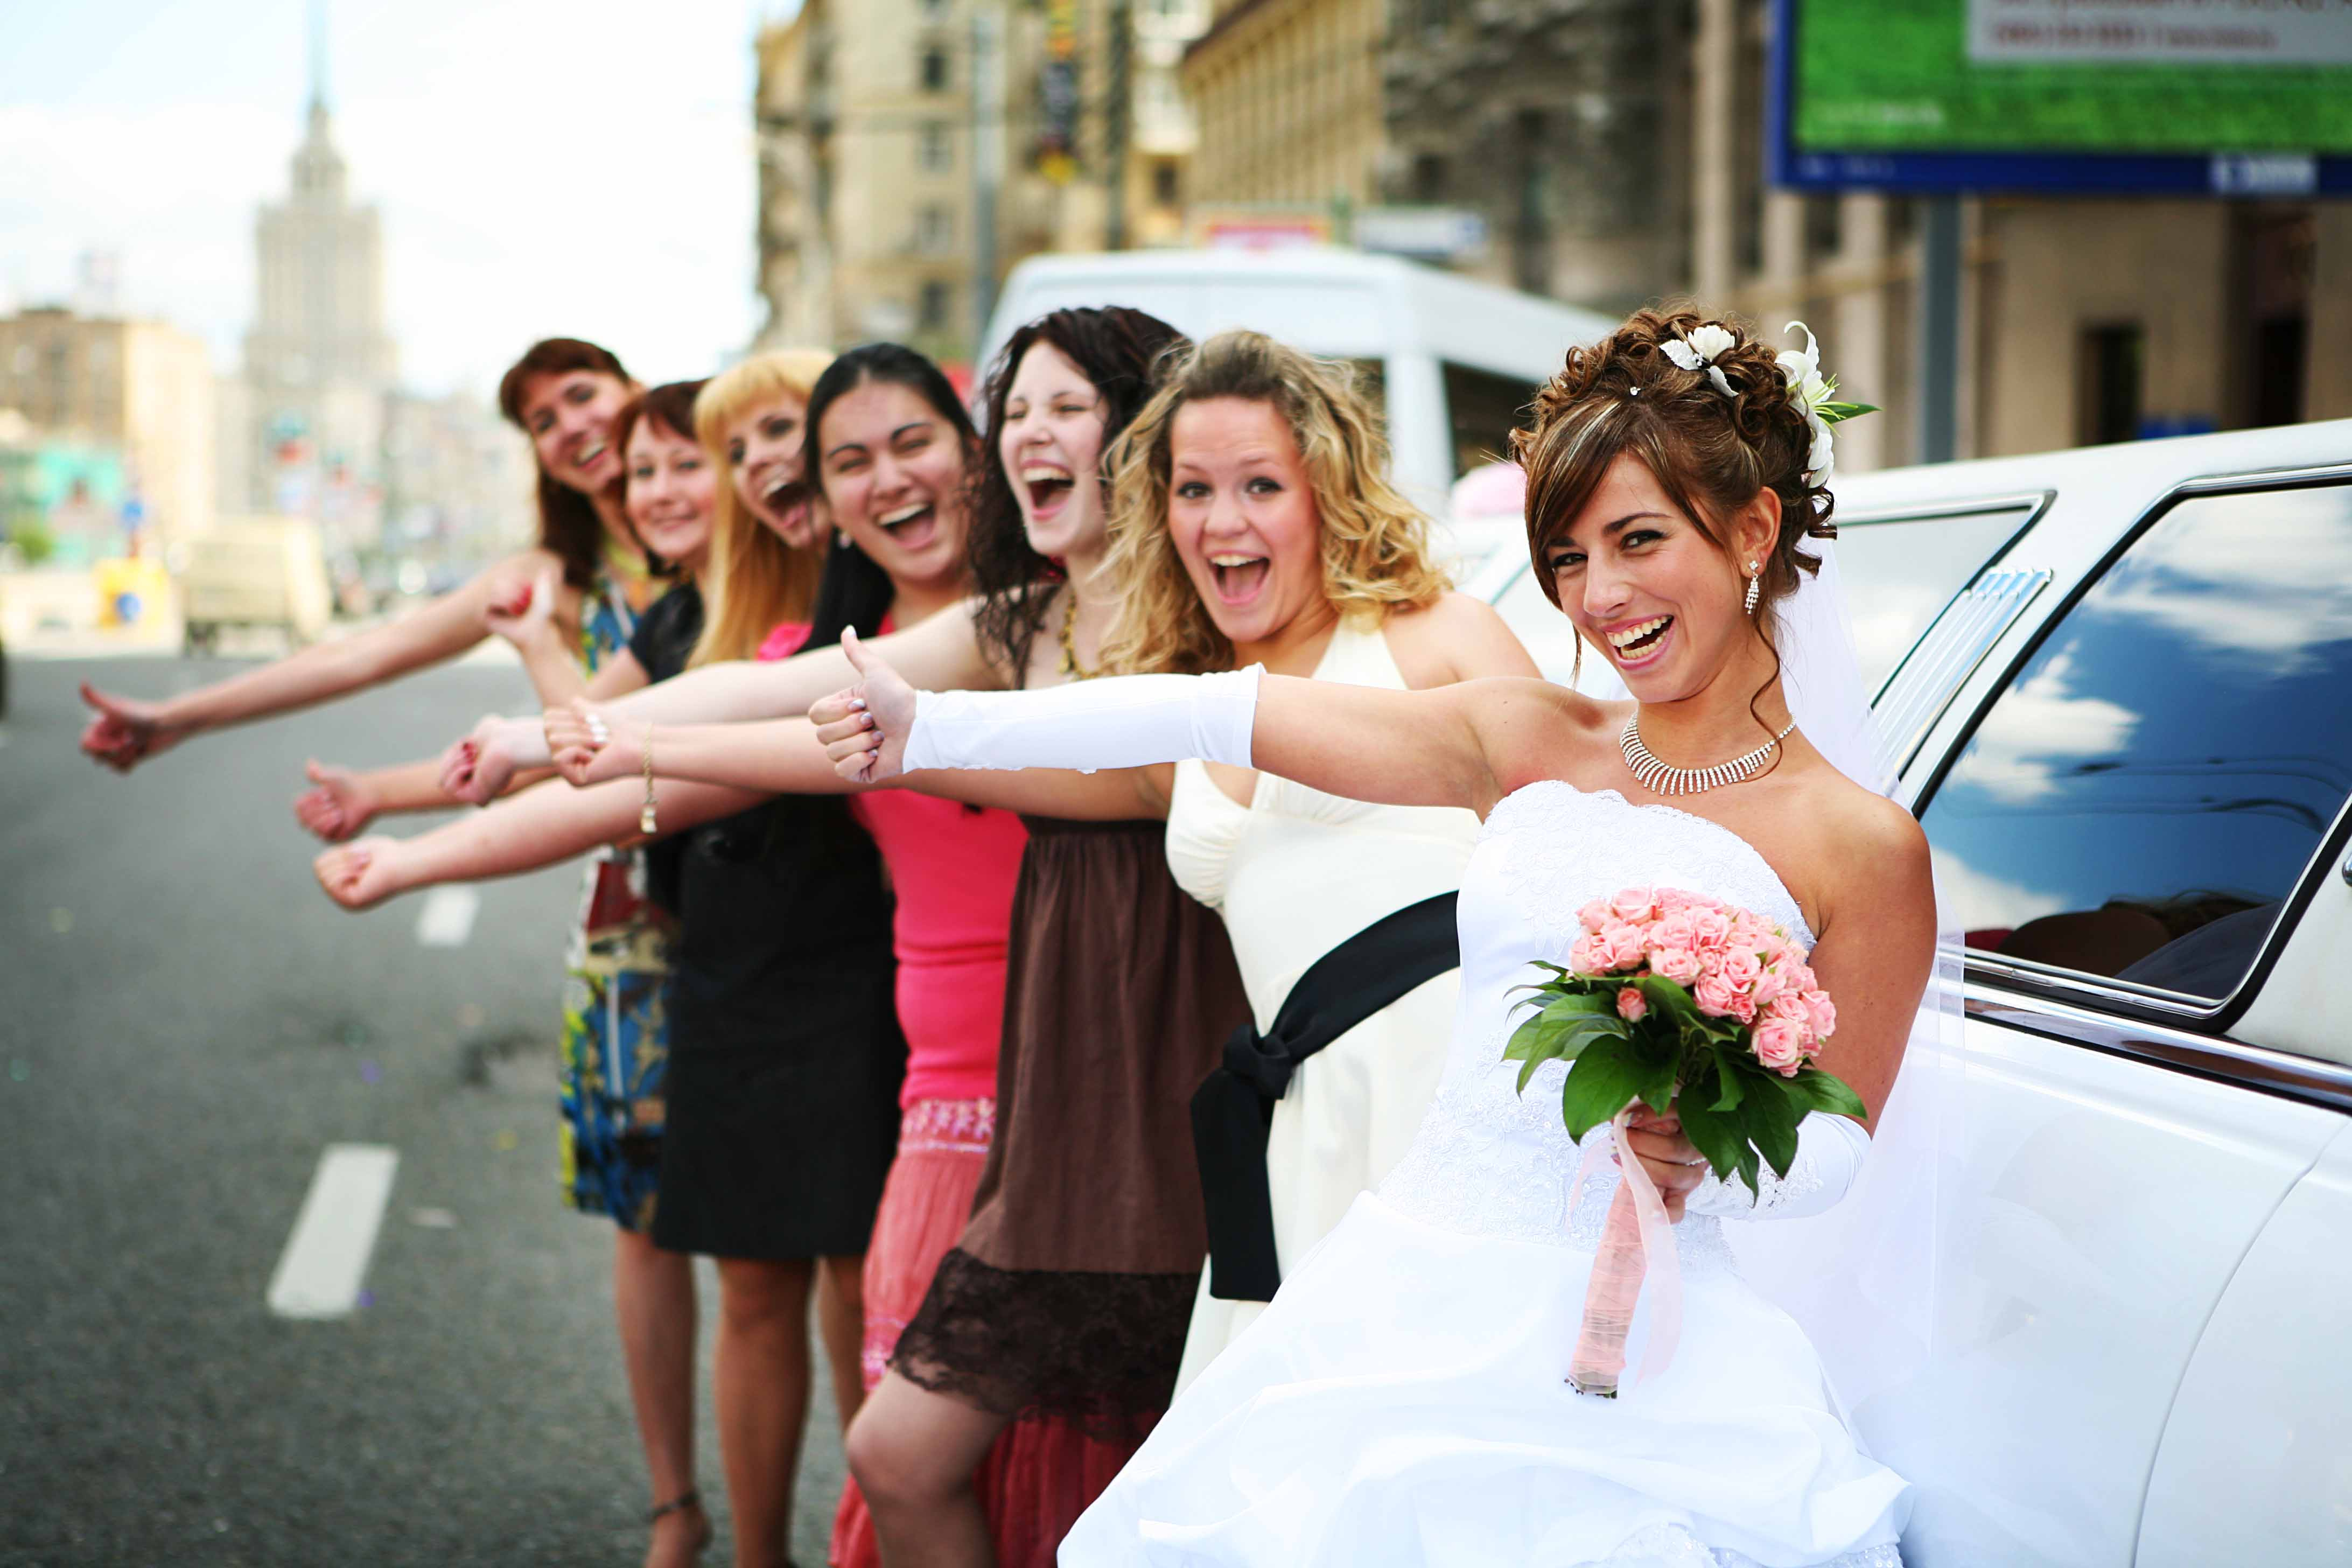 Смотреть онлайн русские девичники перед свадьбой 26 фотография